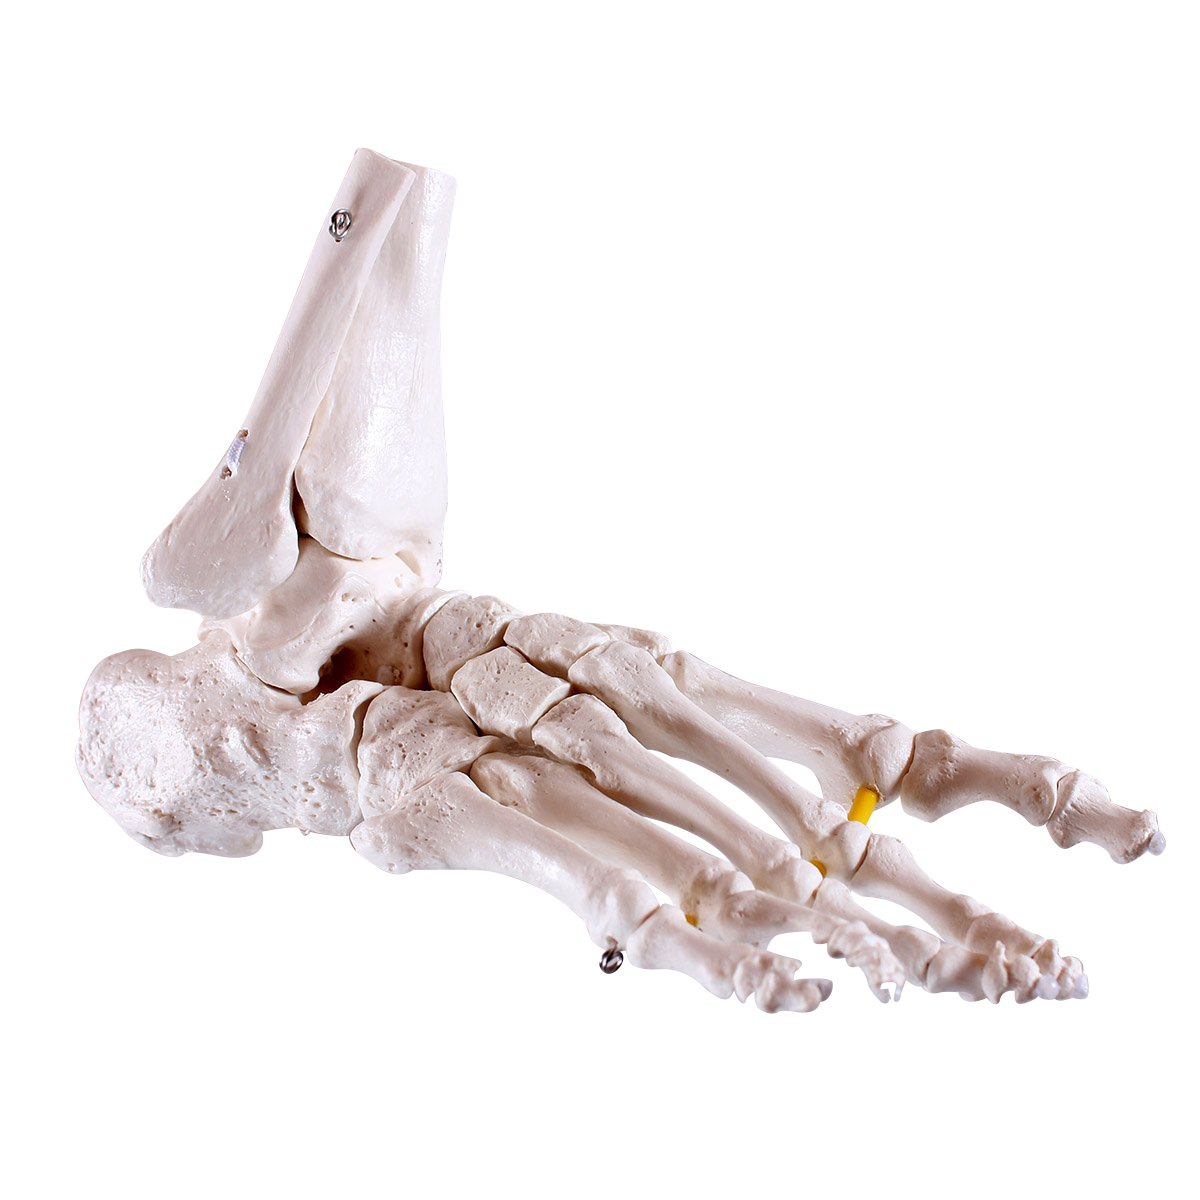 Fuß - Skelett, mit Schien- und Wadenbeinansatz, flexibel: Amazon.de ...